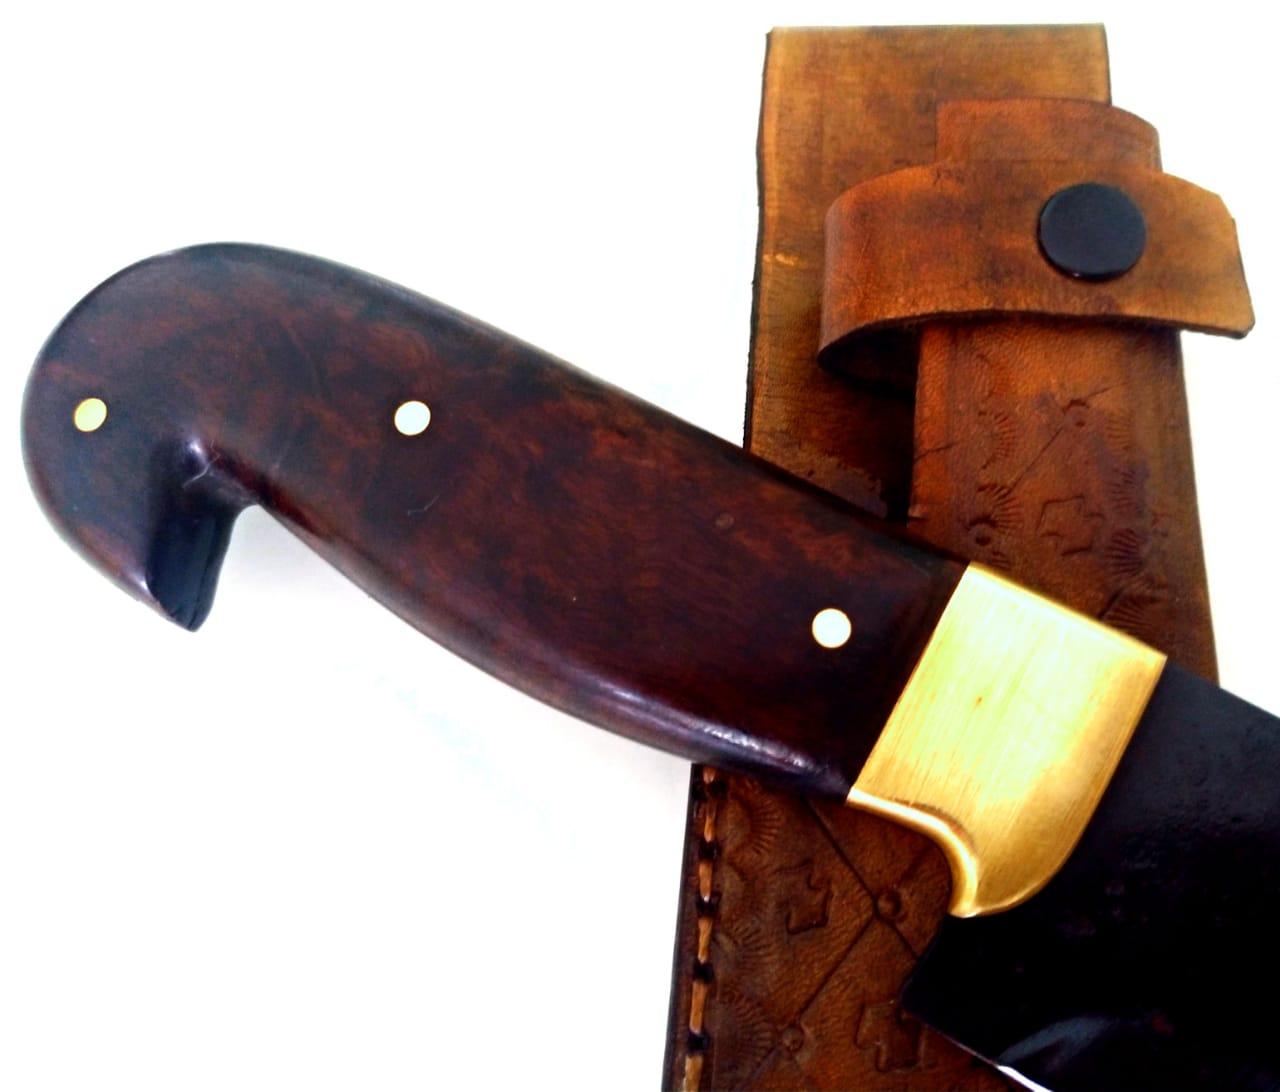 Faca artesanal butcher negra aço carbono 10 polegadas